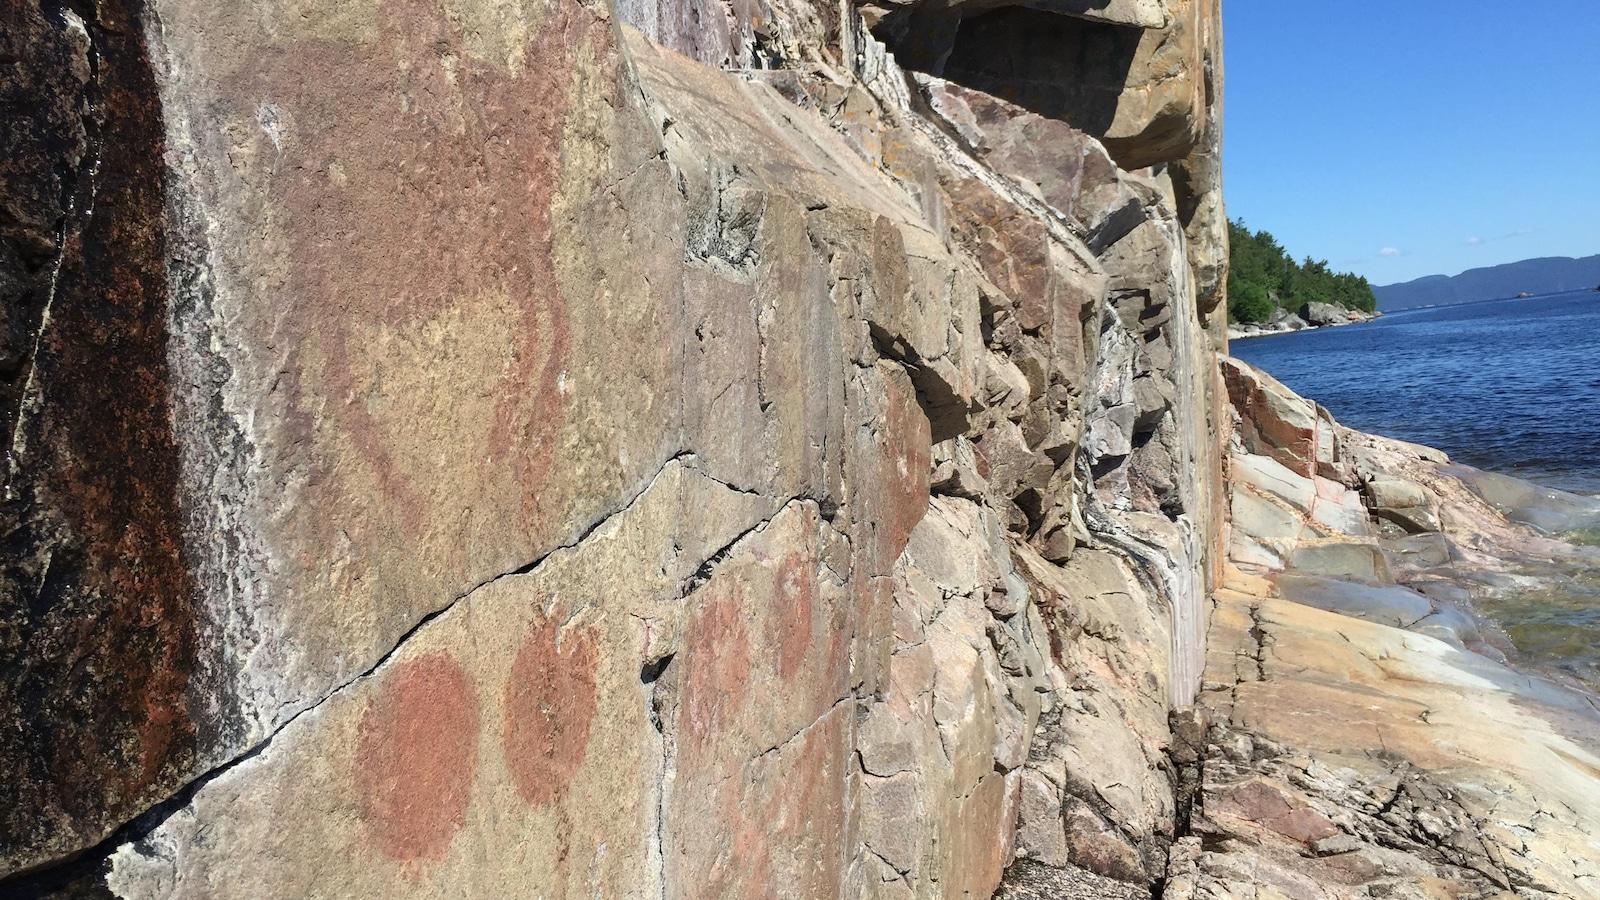 Pictogrammes peints à l'ocre rouge sur le rocher abrupt qui plonge dans l'eau